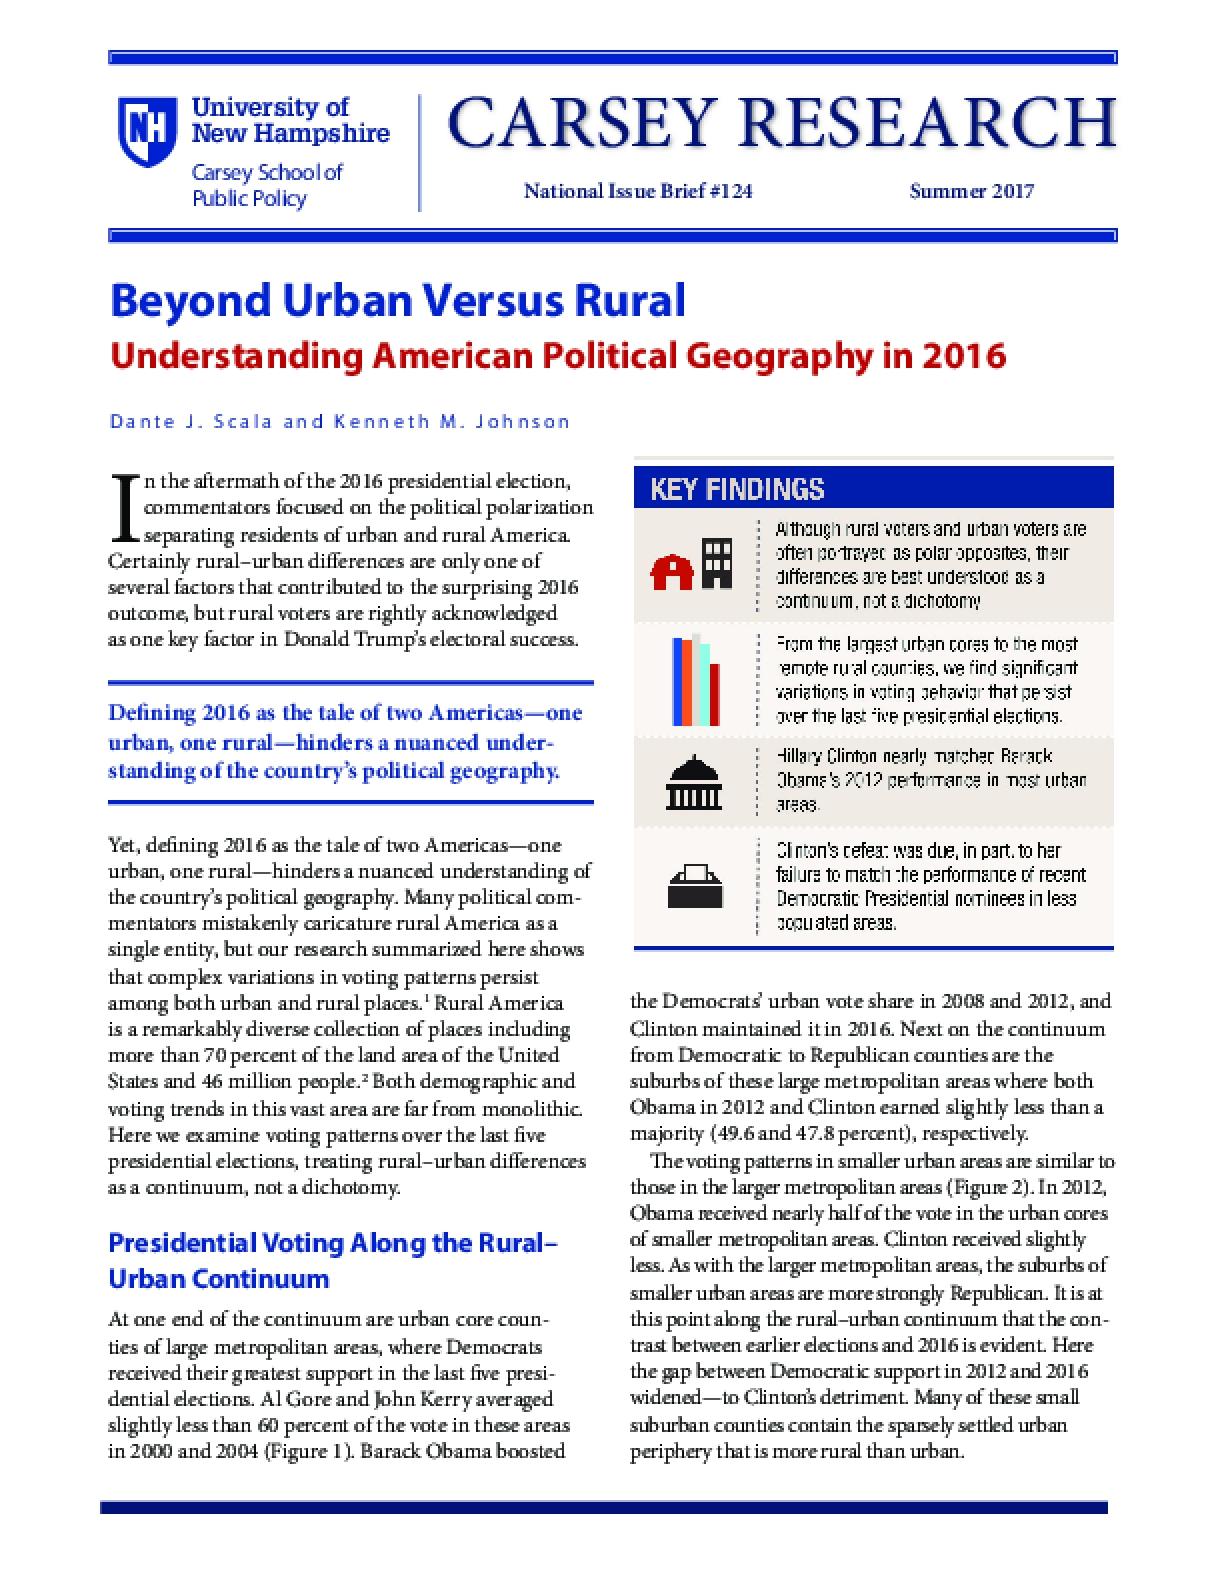 Beyond Urban Versus Rural: Understanding American Political Geography in 2016